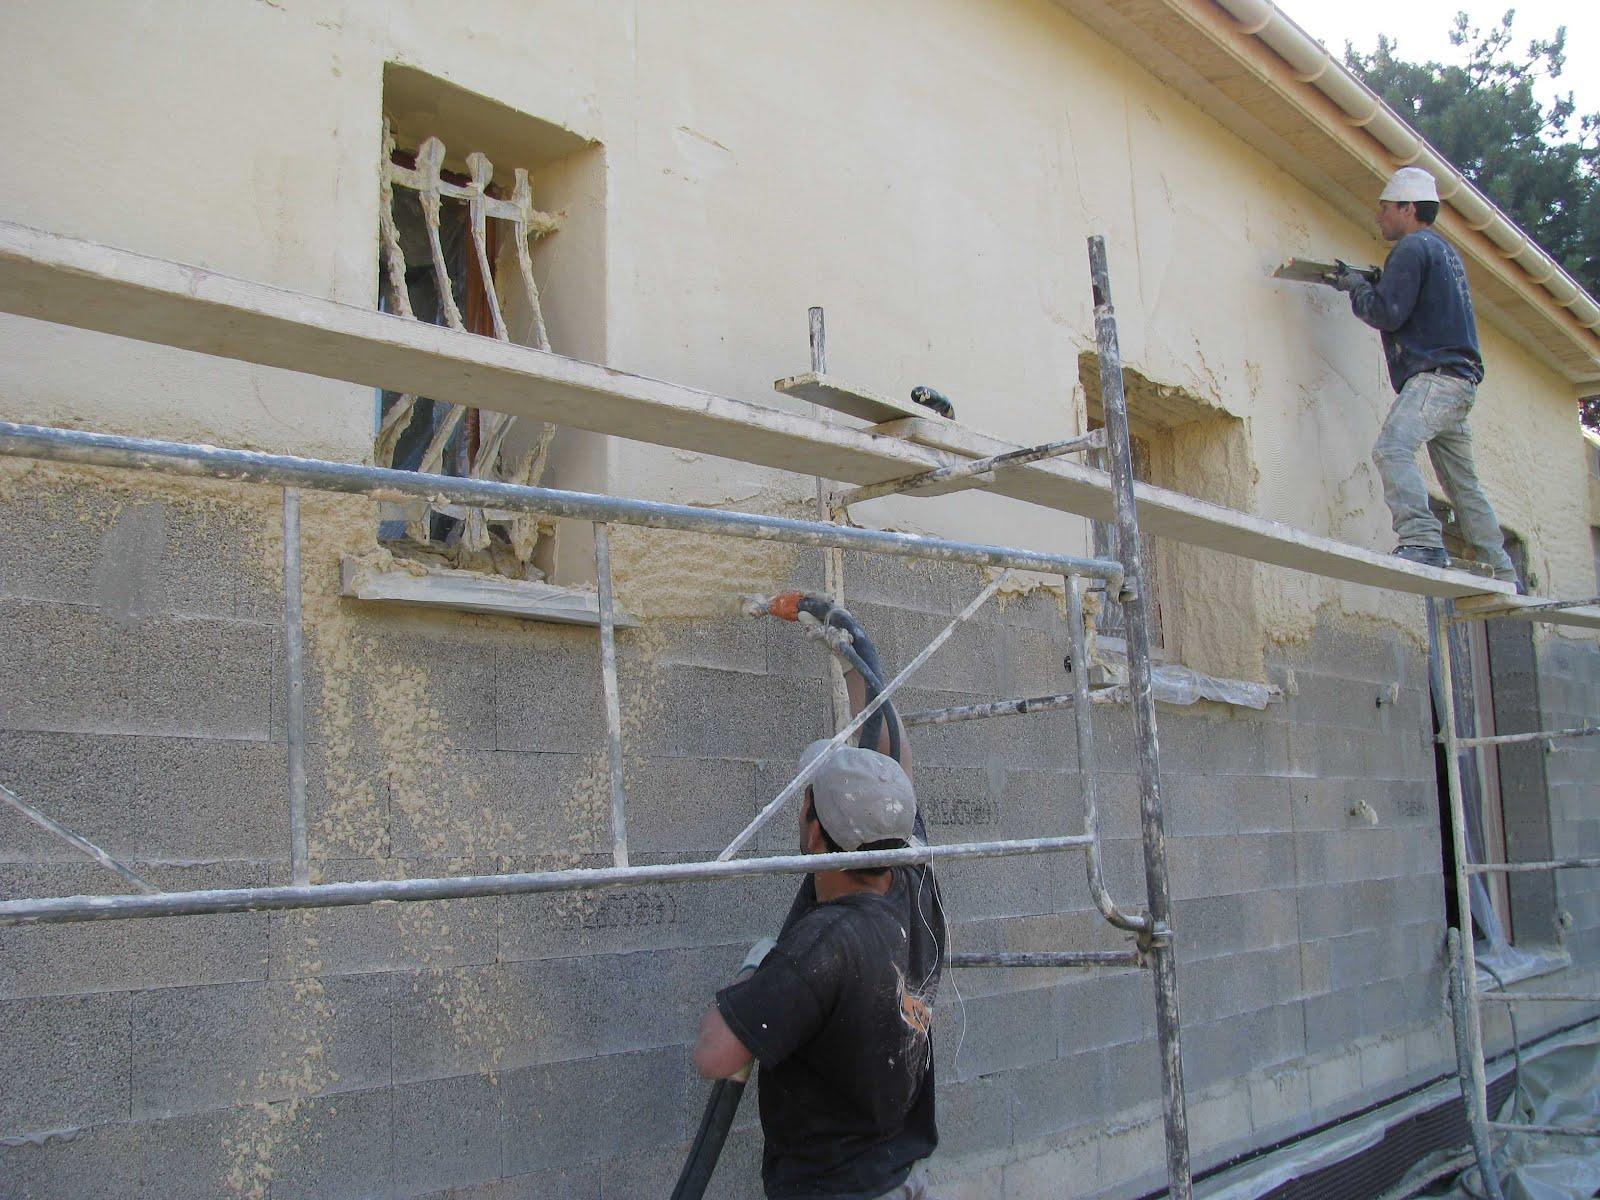 Je fais construire ma maison ravalement 4 5 for Construire ma maison